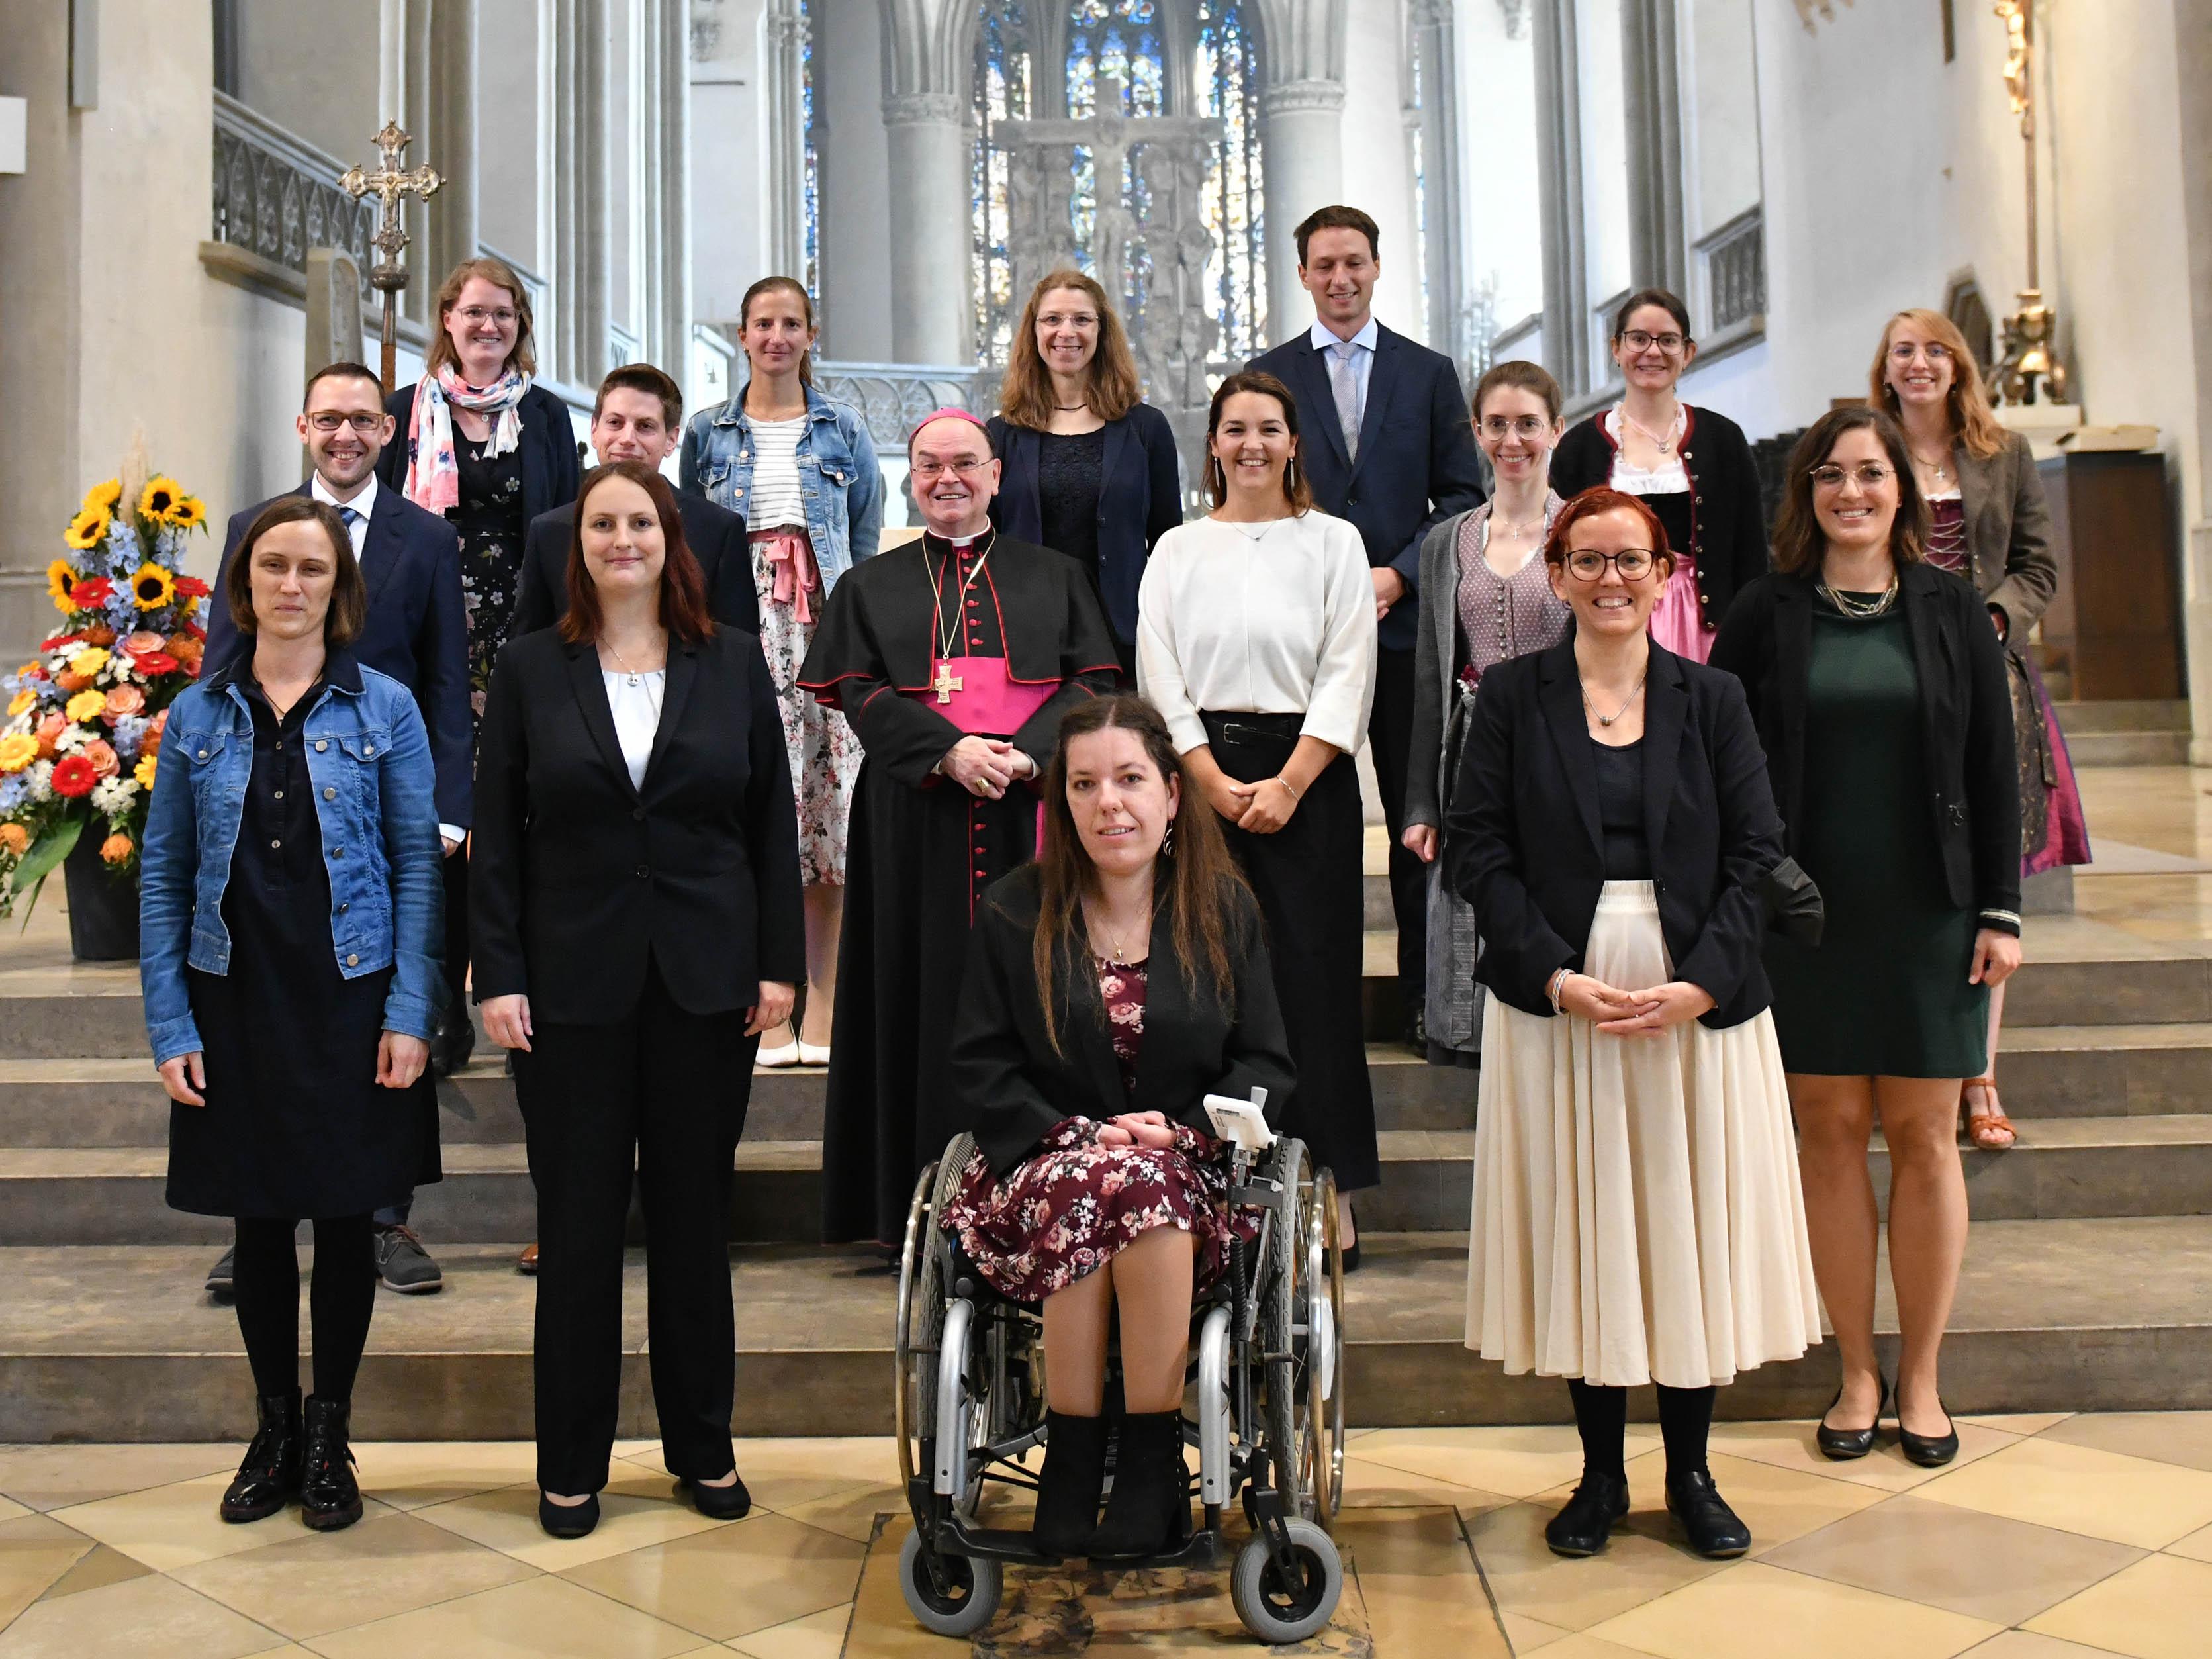 Bischof Bertram hat bei einem feierlichen Aussendungsgottesdienst 15 neue Mitarbeiter/-innen für den pastoralen Dienst beauftragt. (Fotos: Maria Steber / pba)